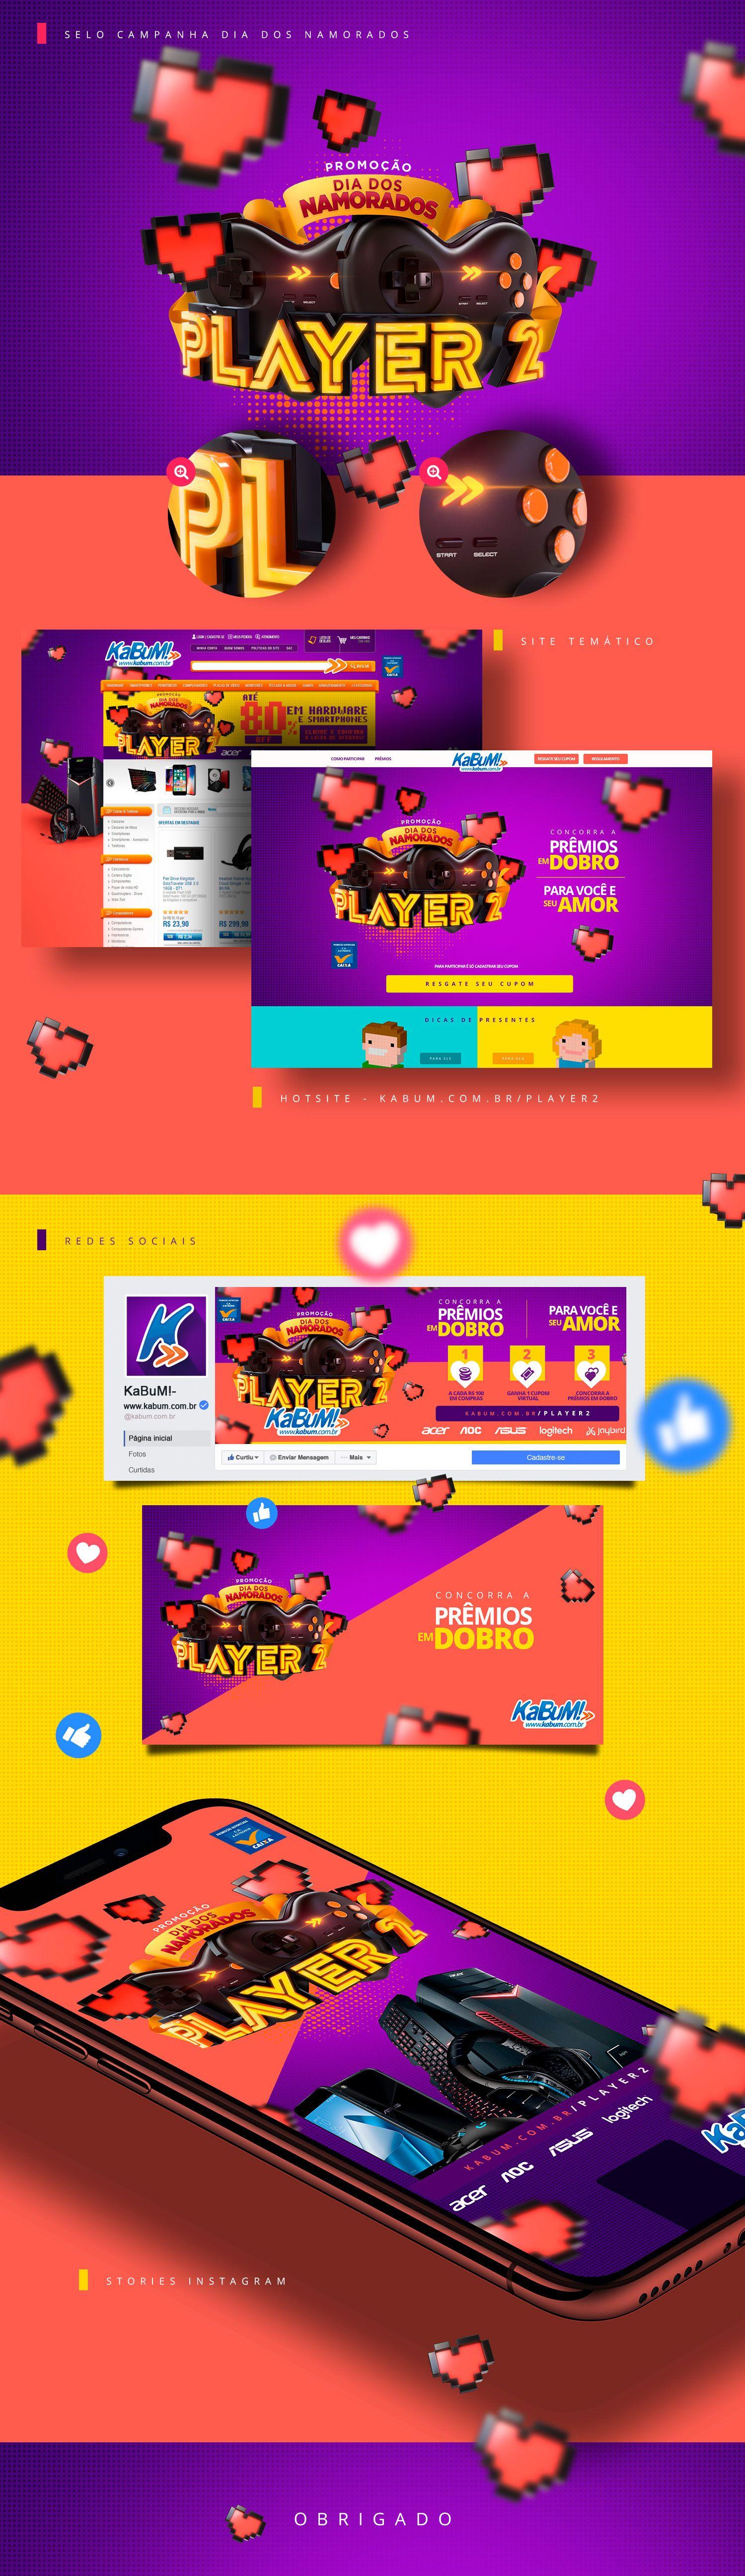 Promoção Dia Dos Namorados Player 2 Kabum On Behance Graphic Design Advertising Social Media Design Maxon Cinema 4d